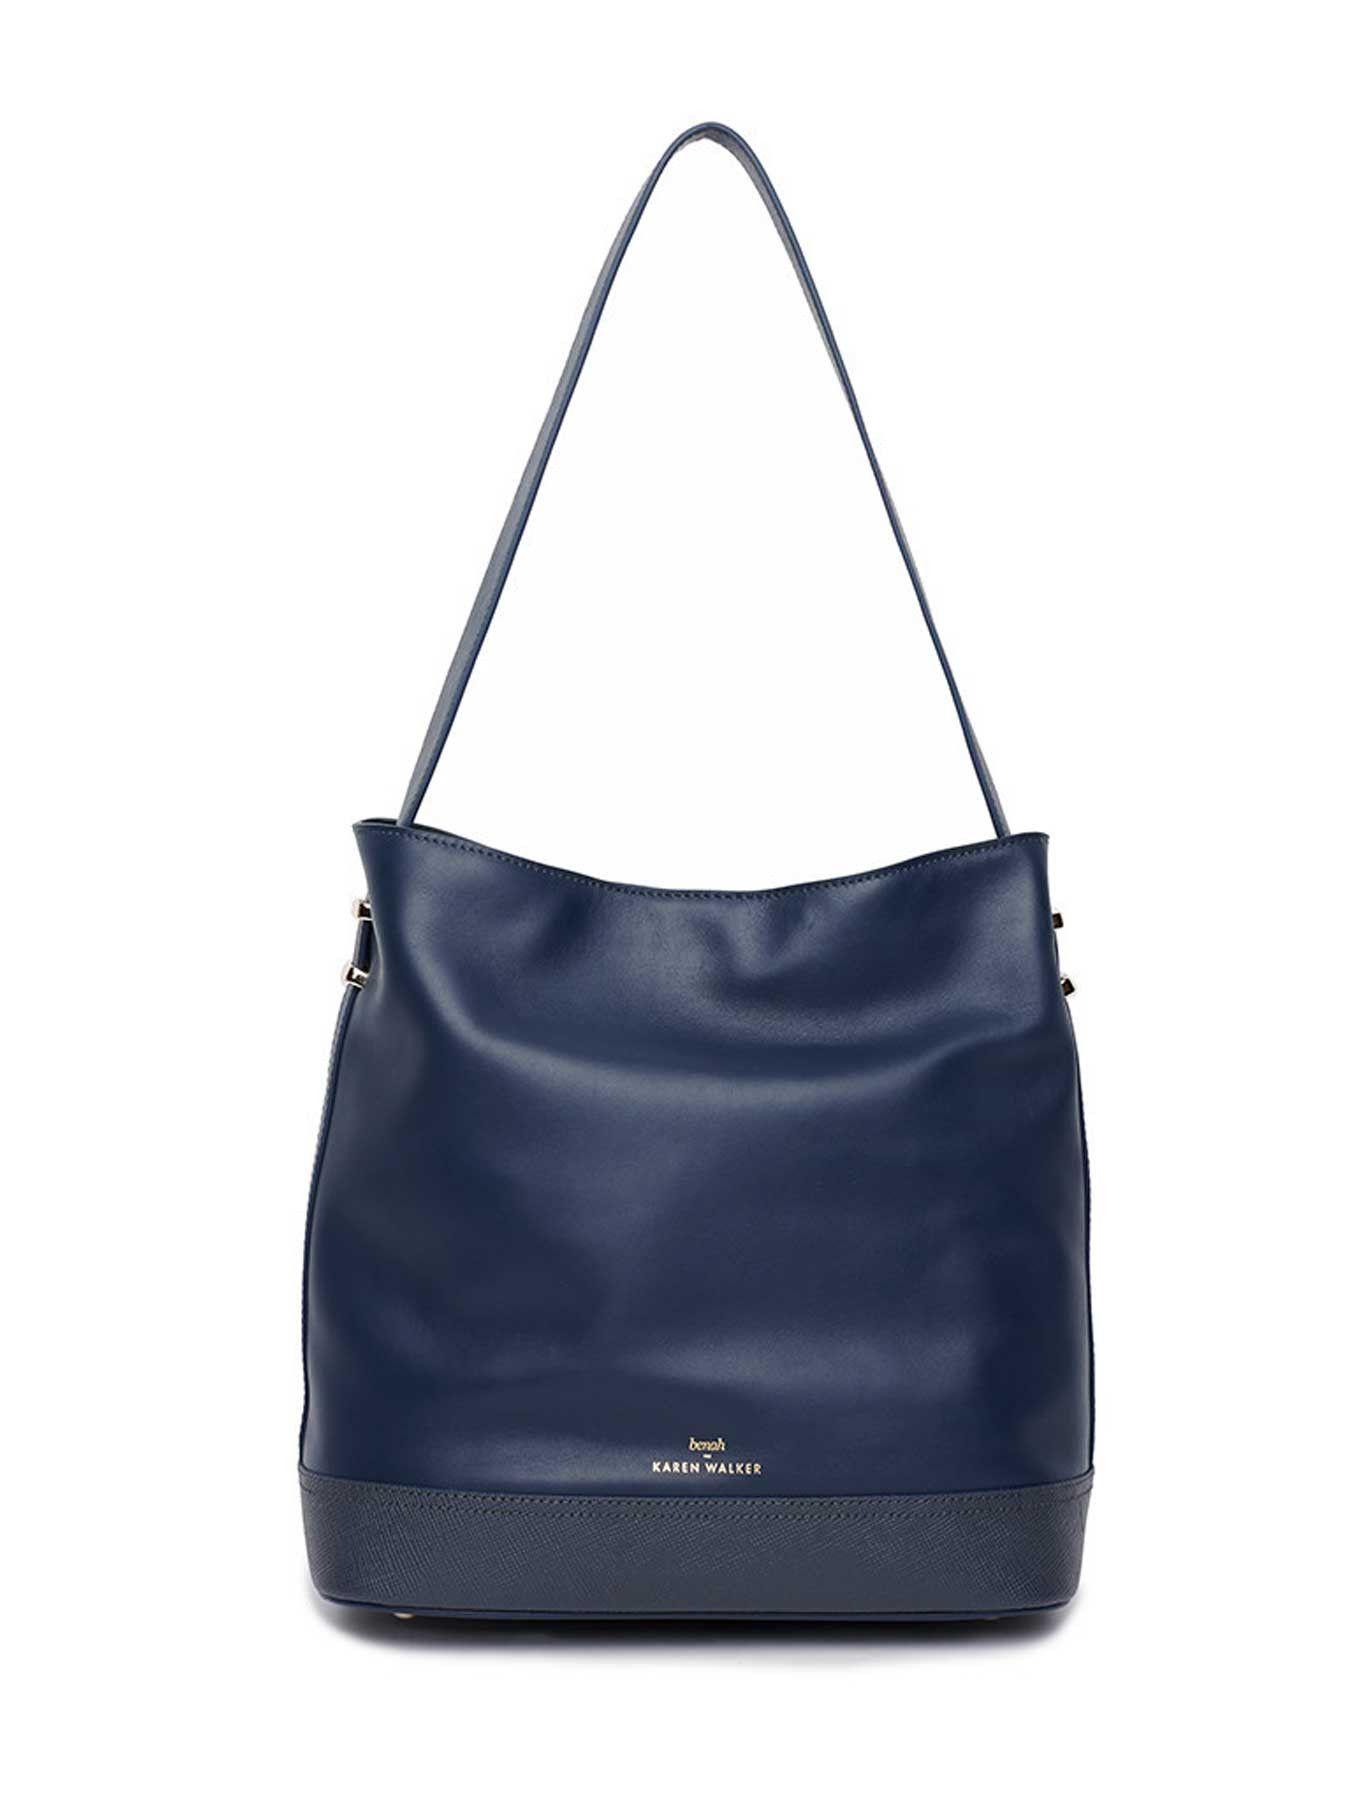 6e1f617ec8ad Bag · Benah for Karen Walker ...